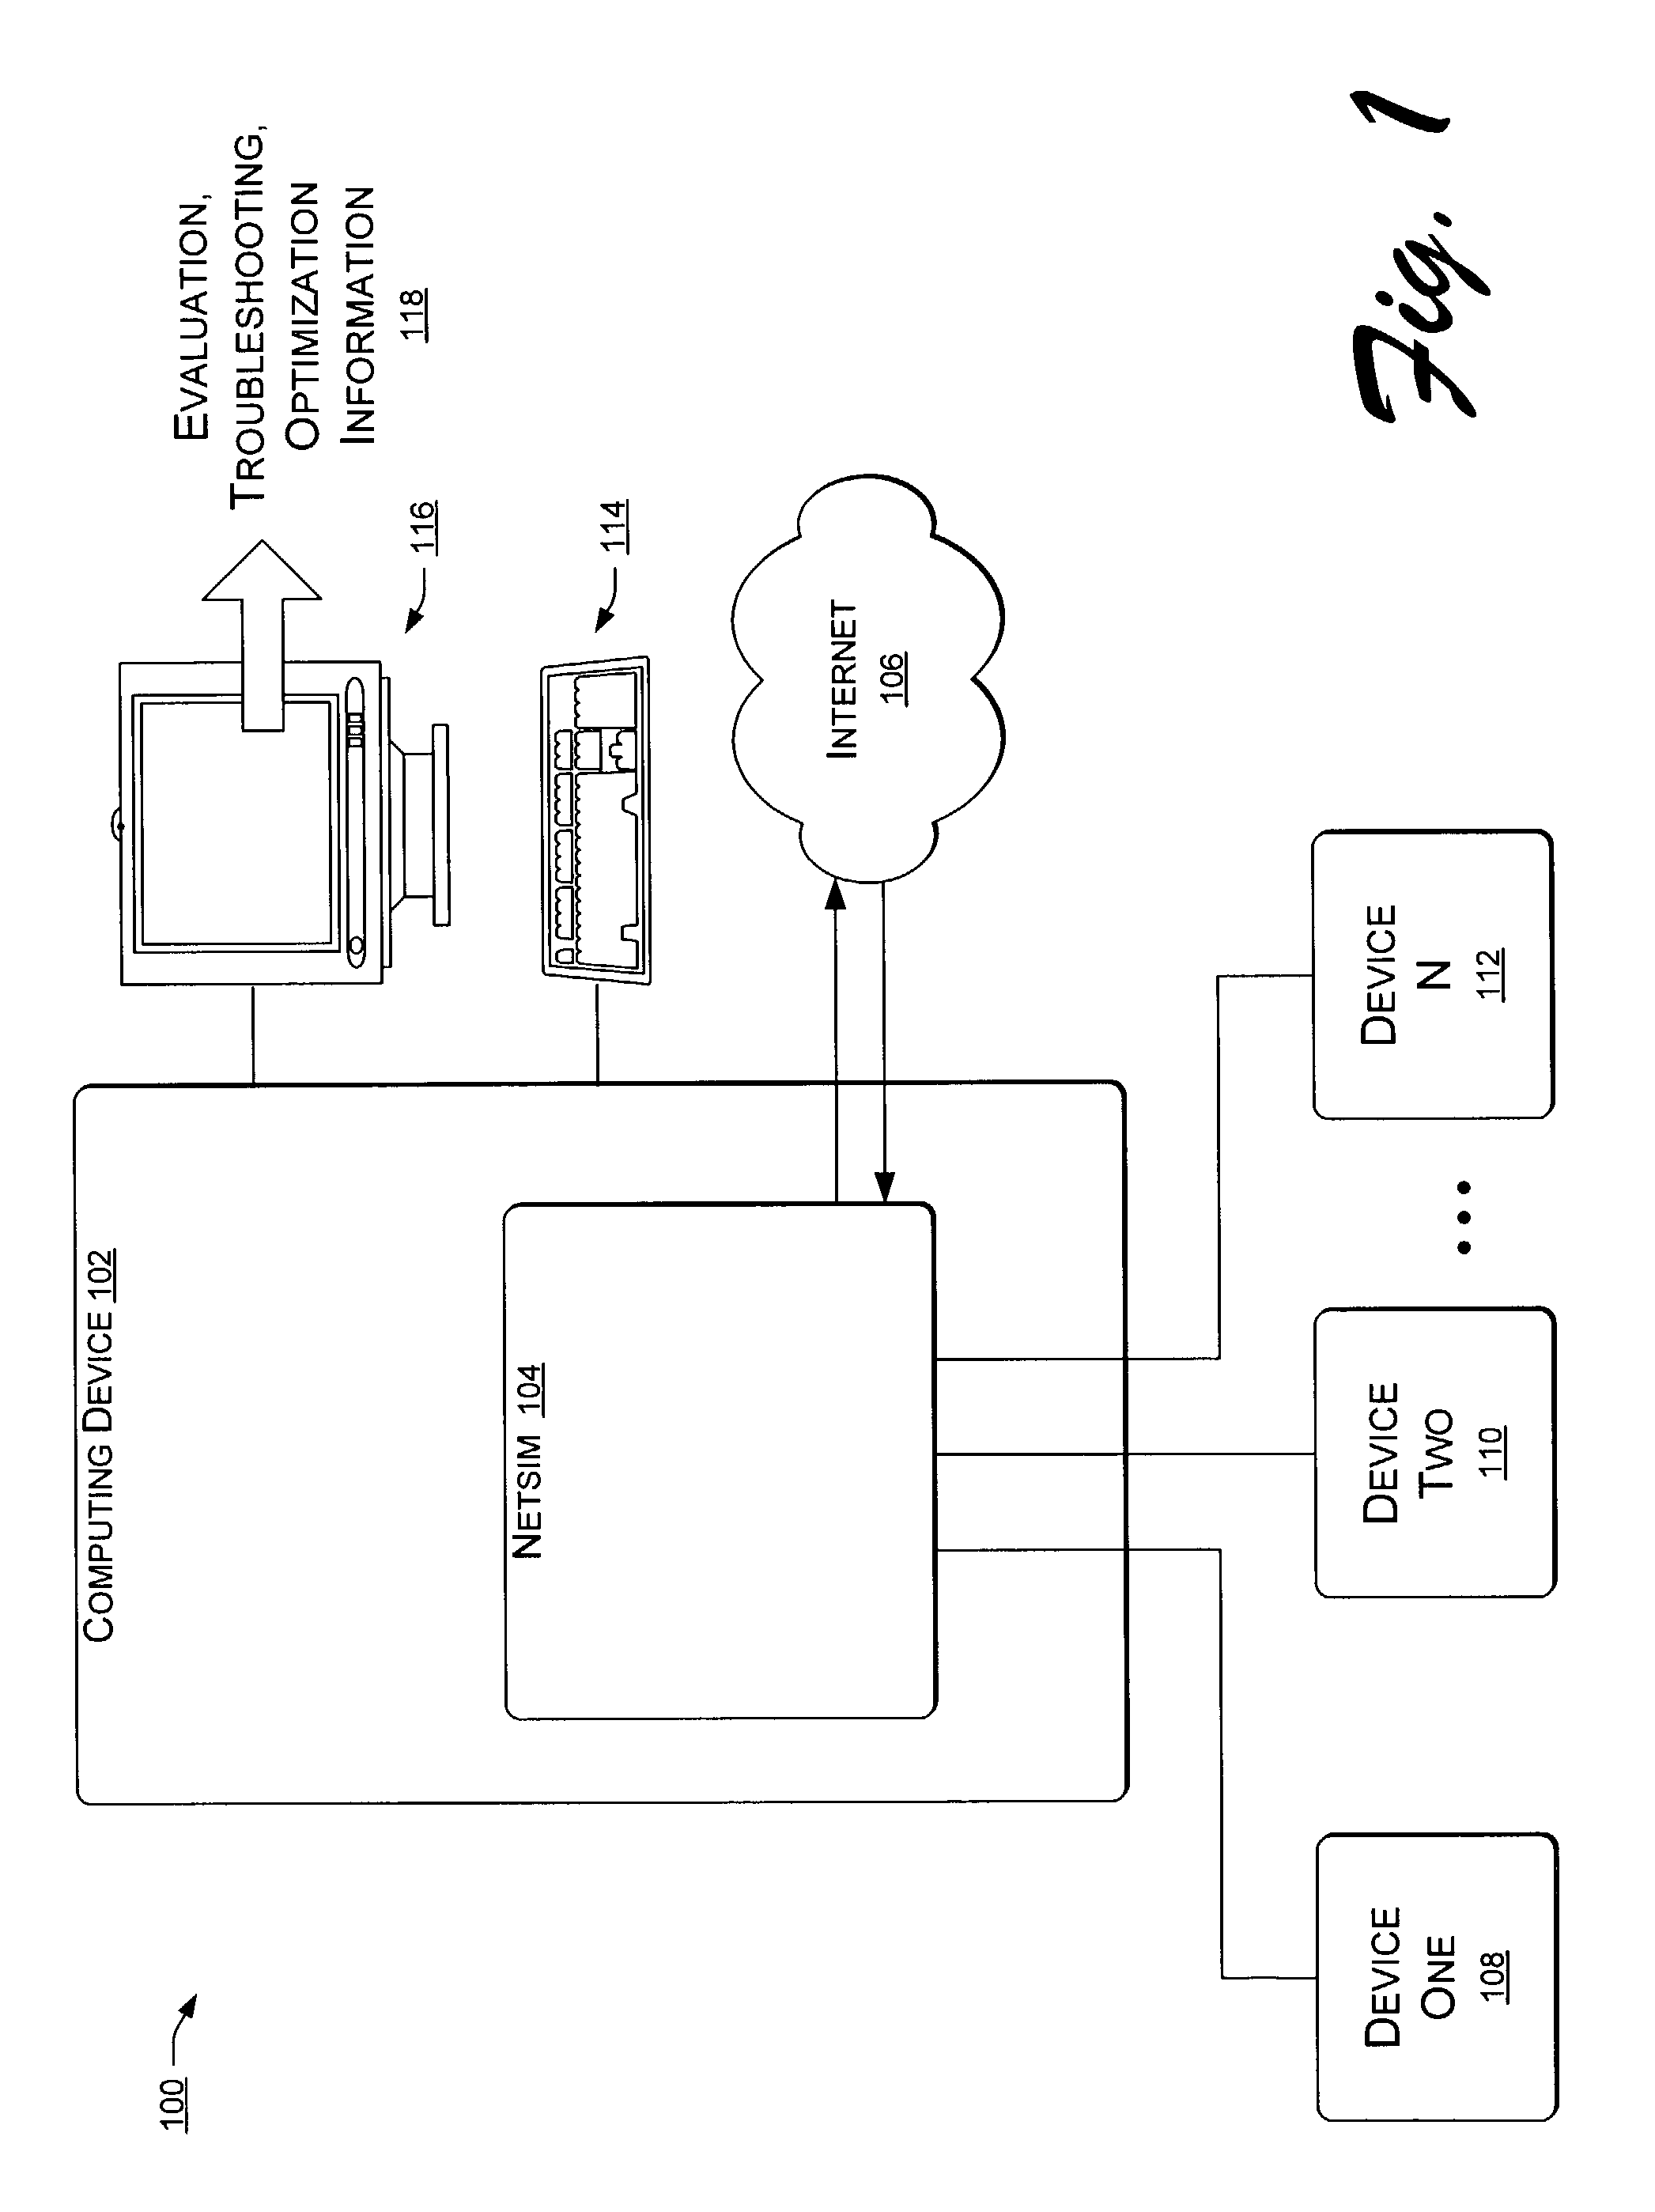 patent us7447622